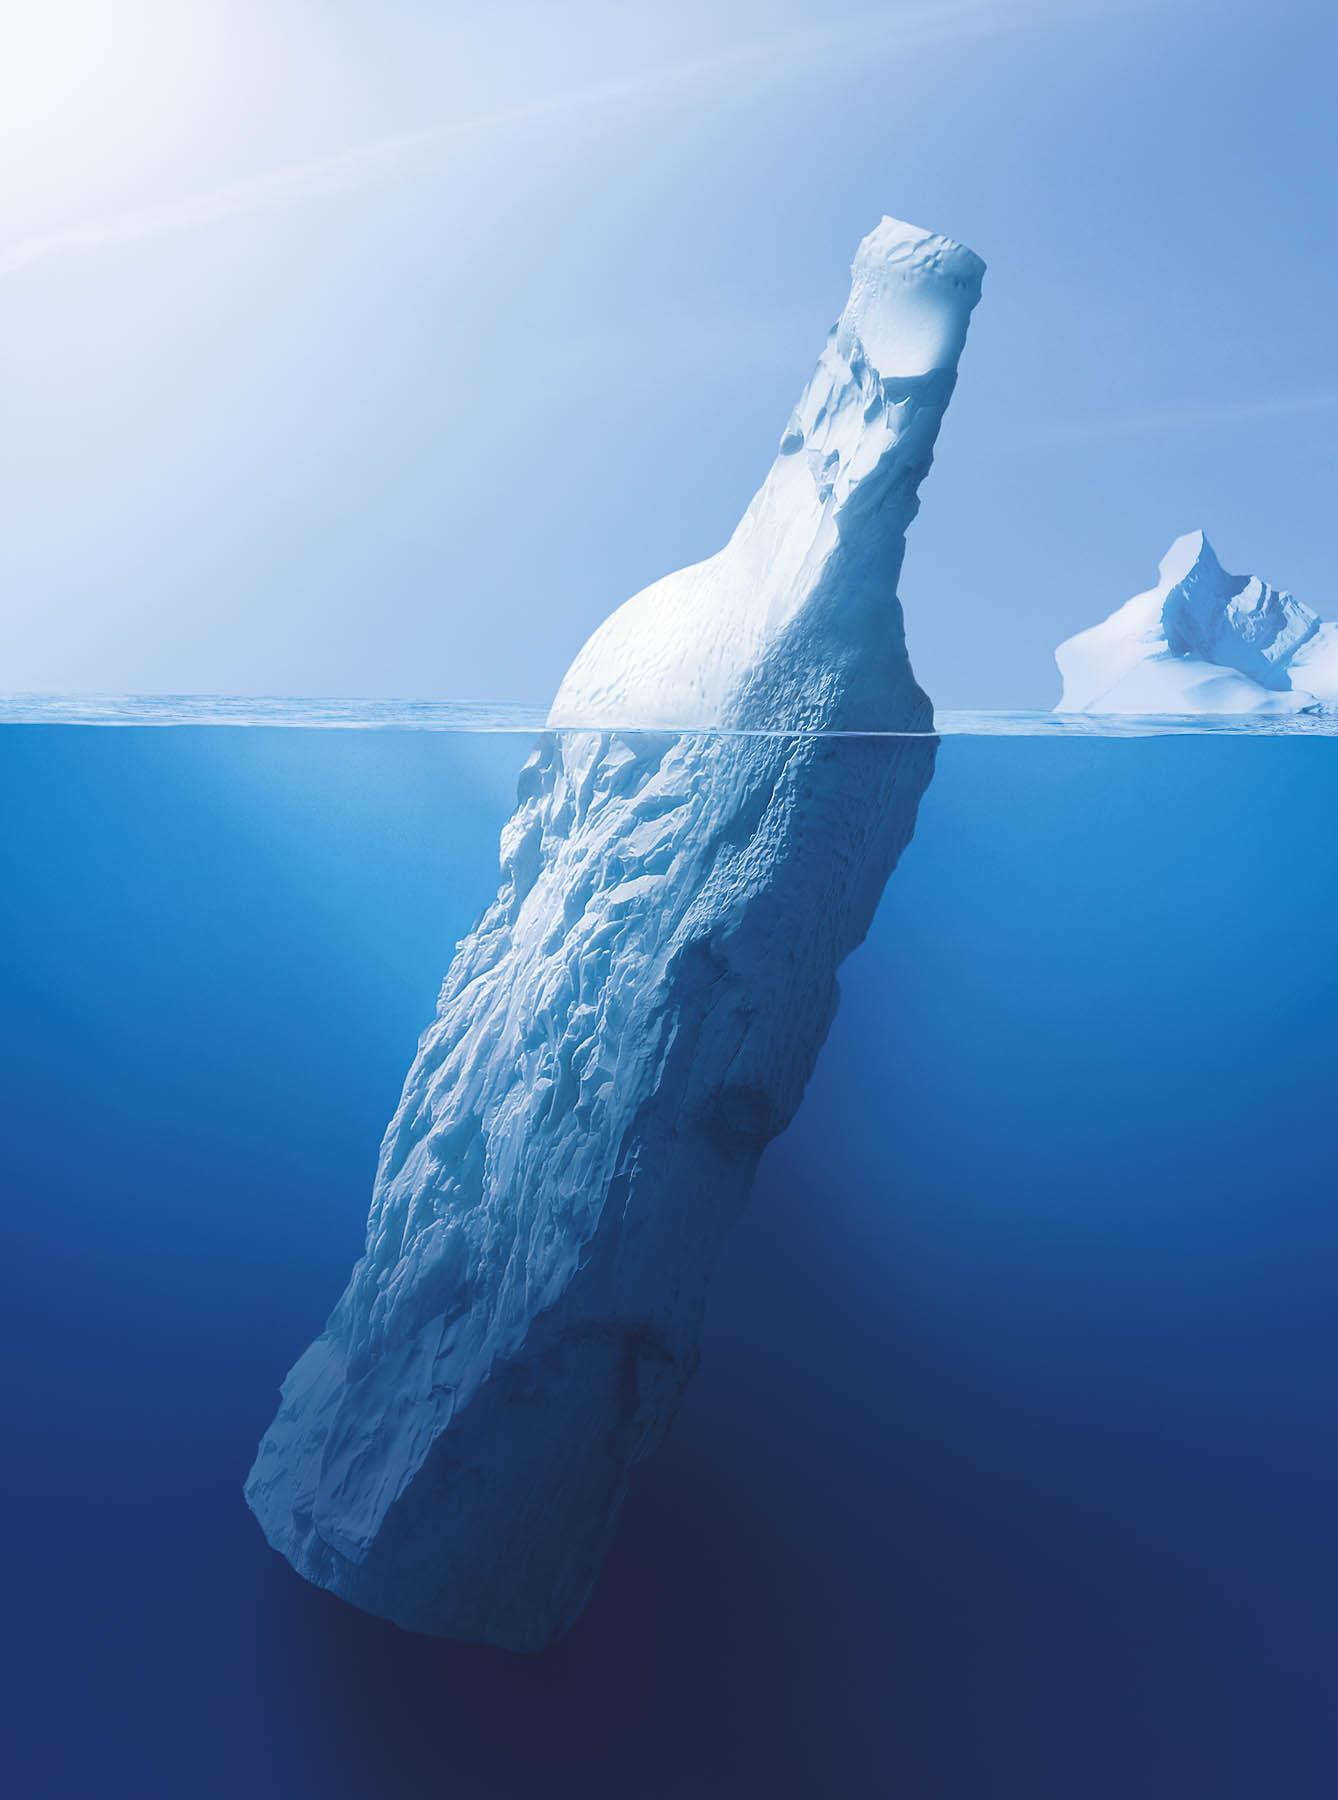 Arctic Ocean - Iceberg